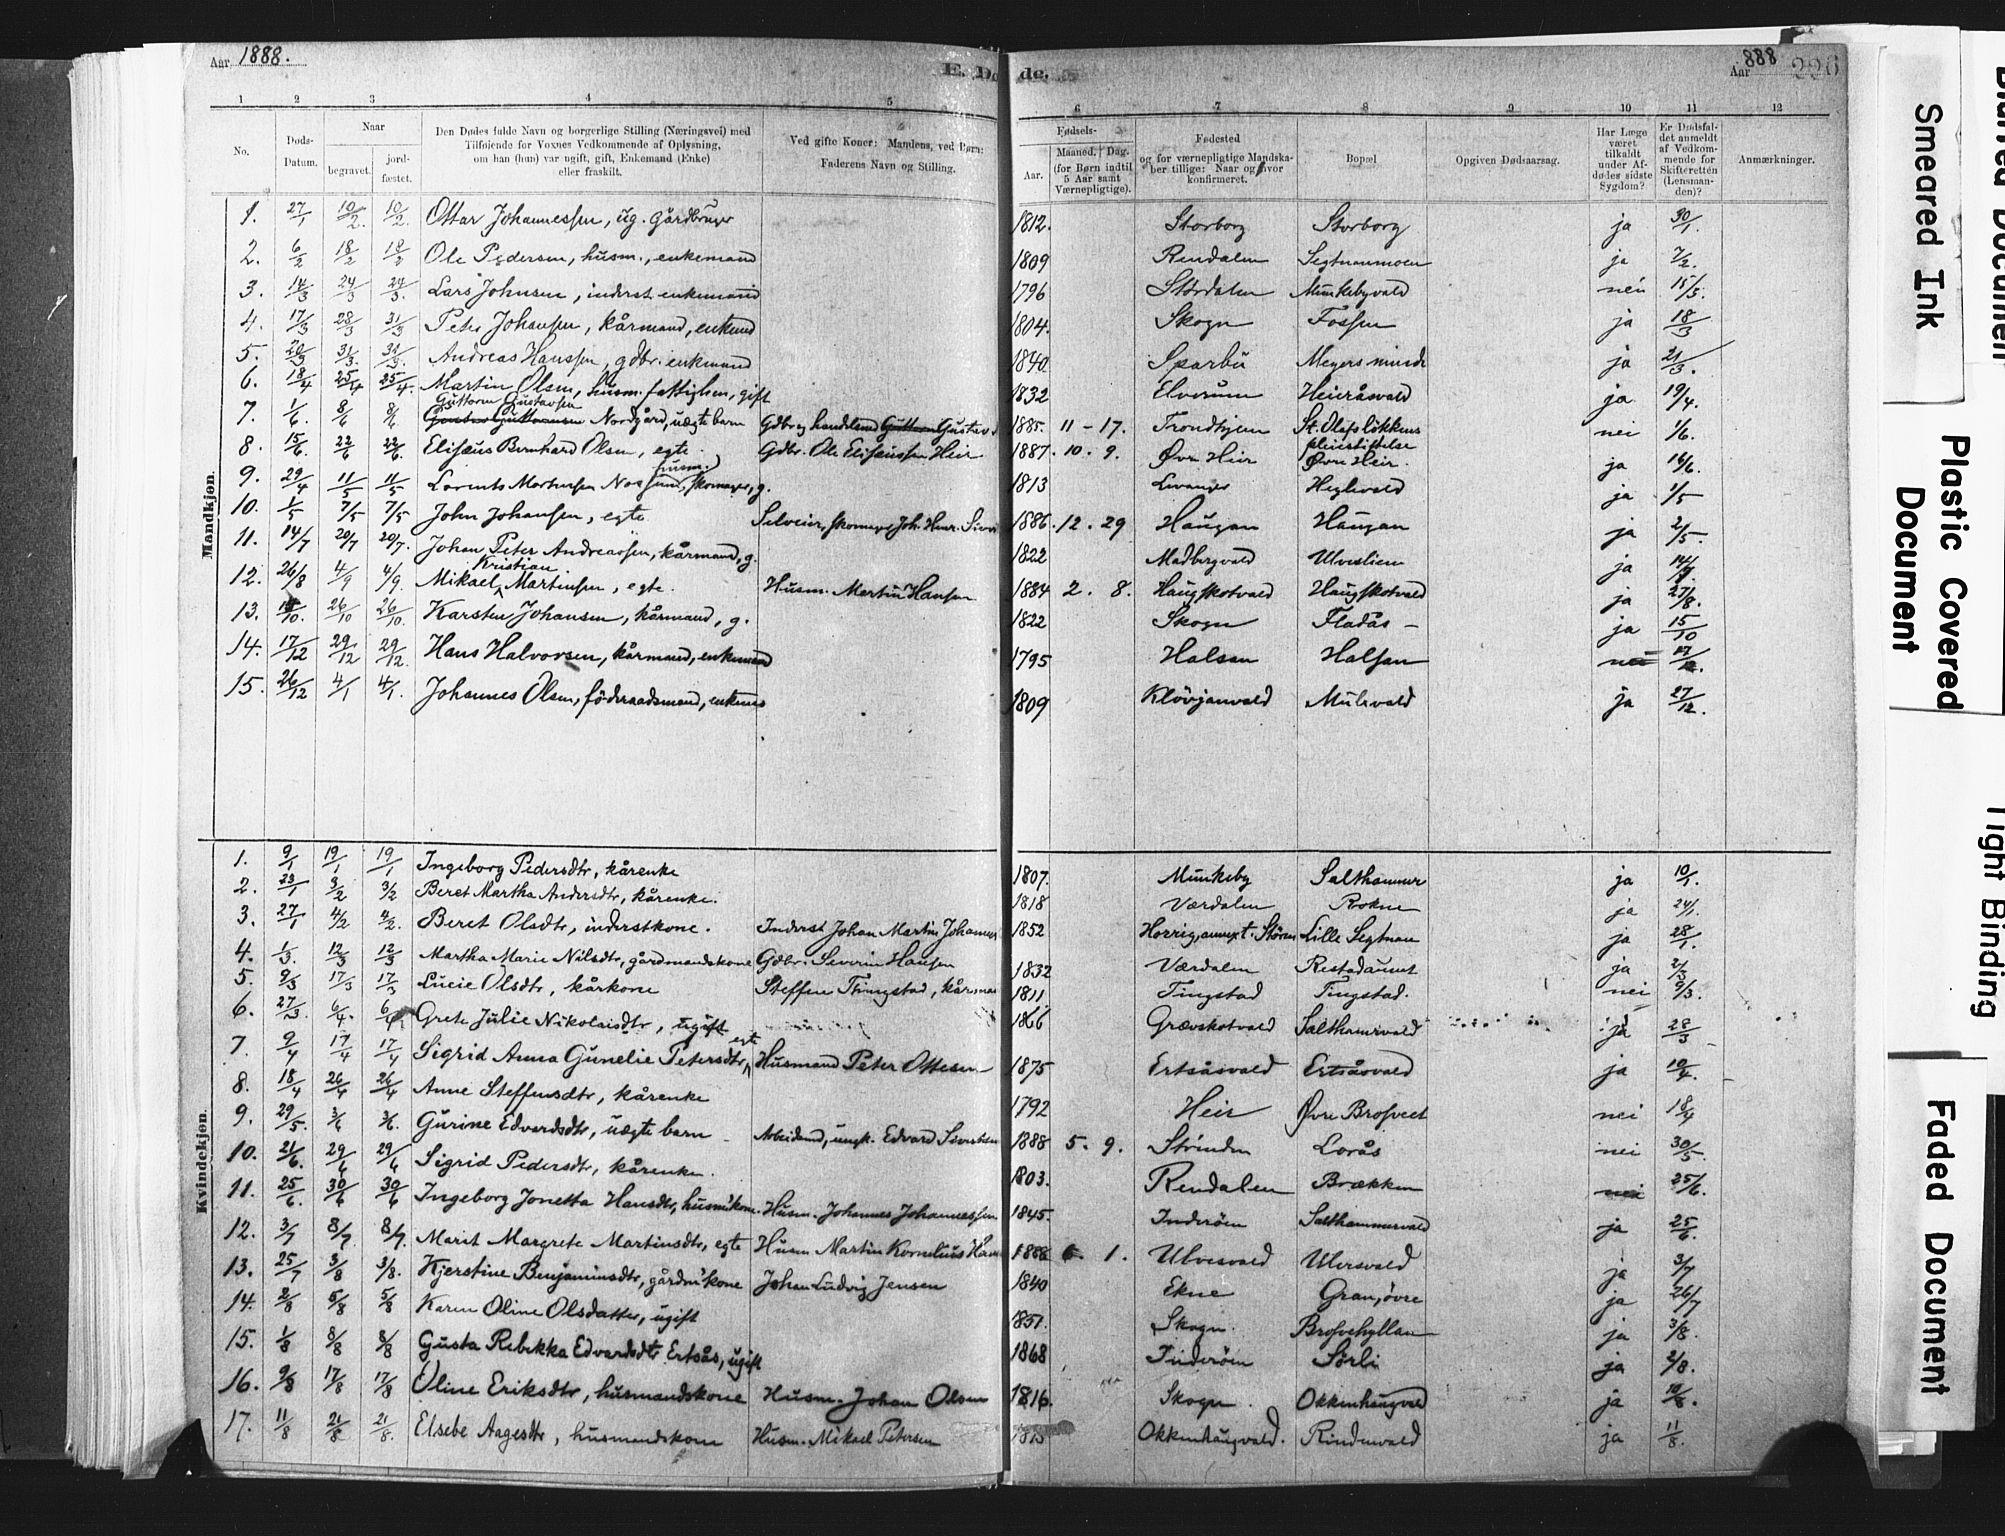 SAT, Ministerialprotokoller, klokkerbøker og fødselsregistre - Nord-Trøndelag, 721/L0207: Ministerialbok nr. 721A02, 1880-1911, s. 226